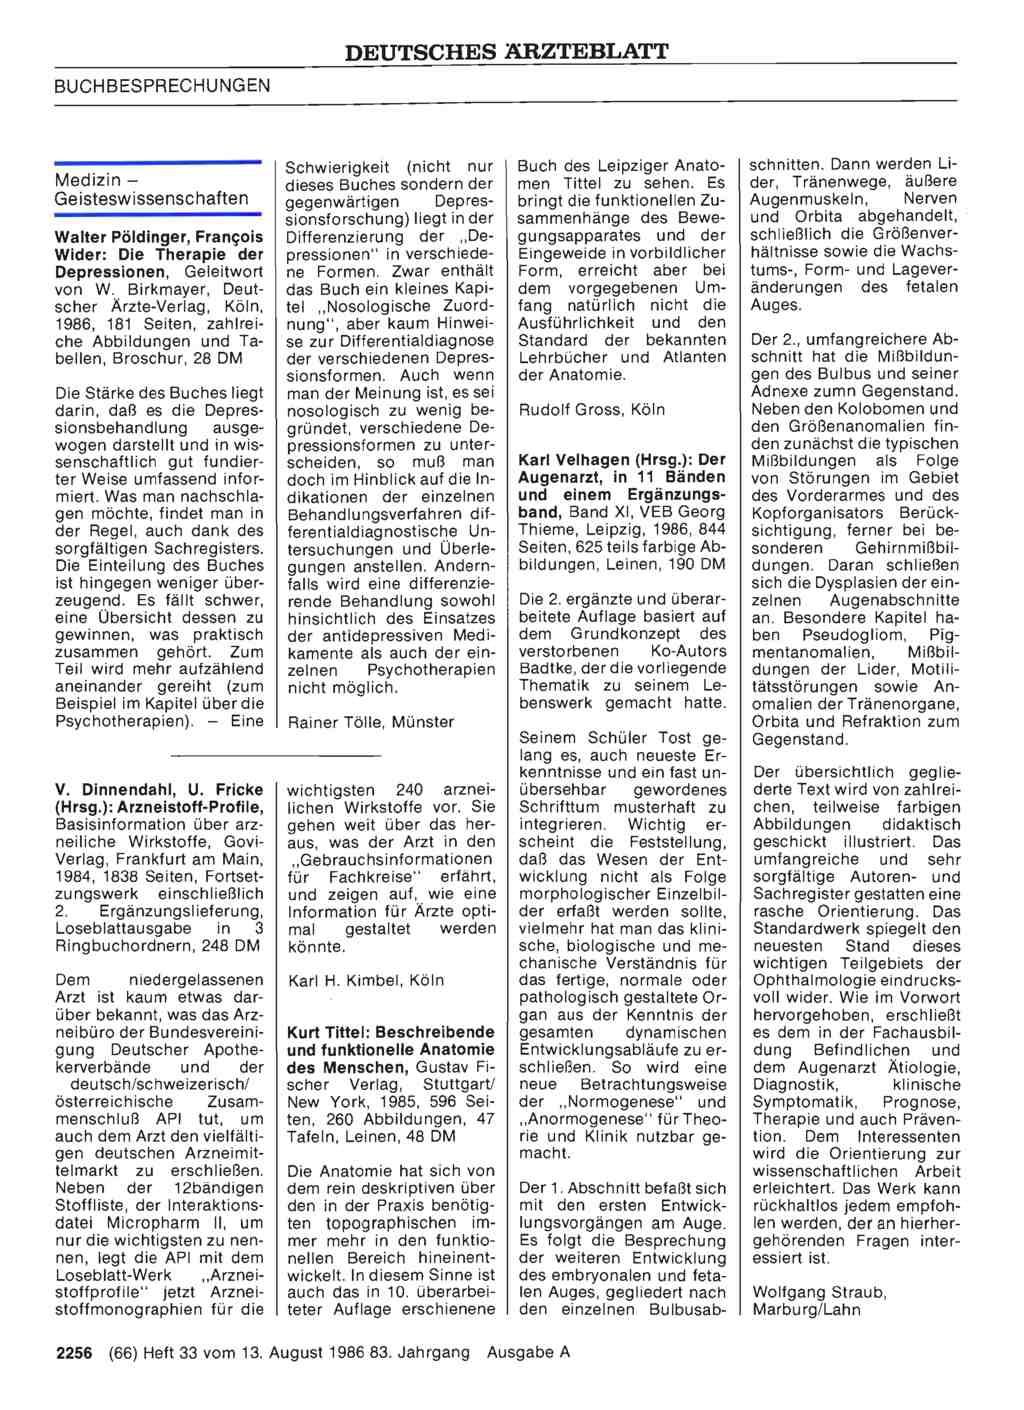 Kurt Tittel: Beschreibende und funktionelle Anatomie des Menschen